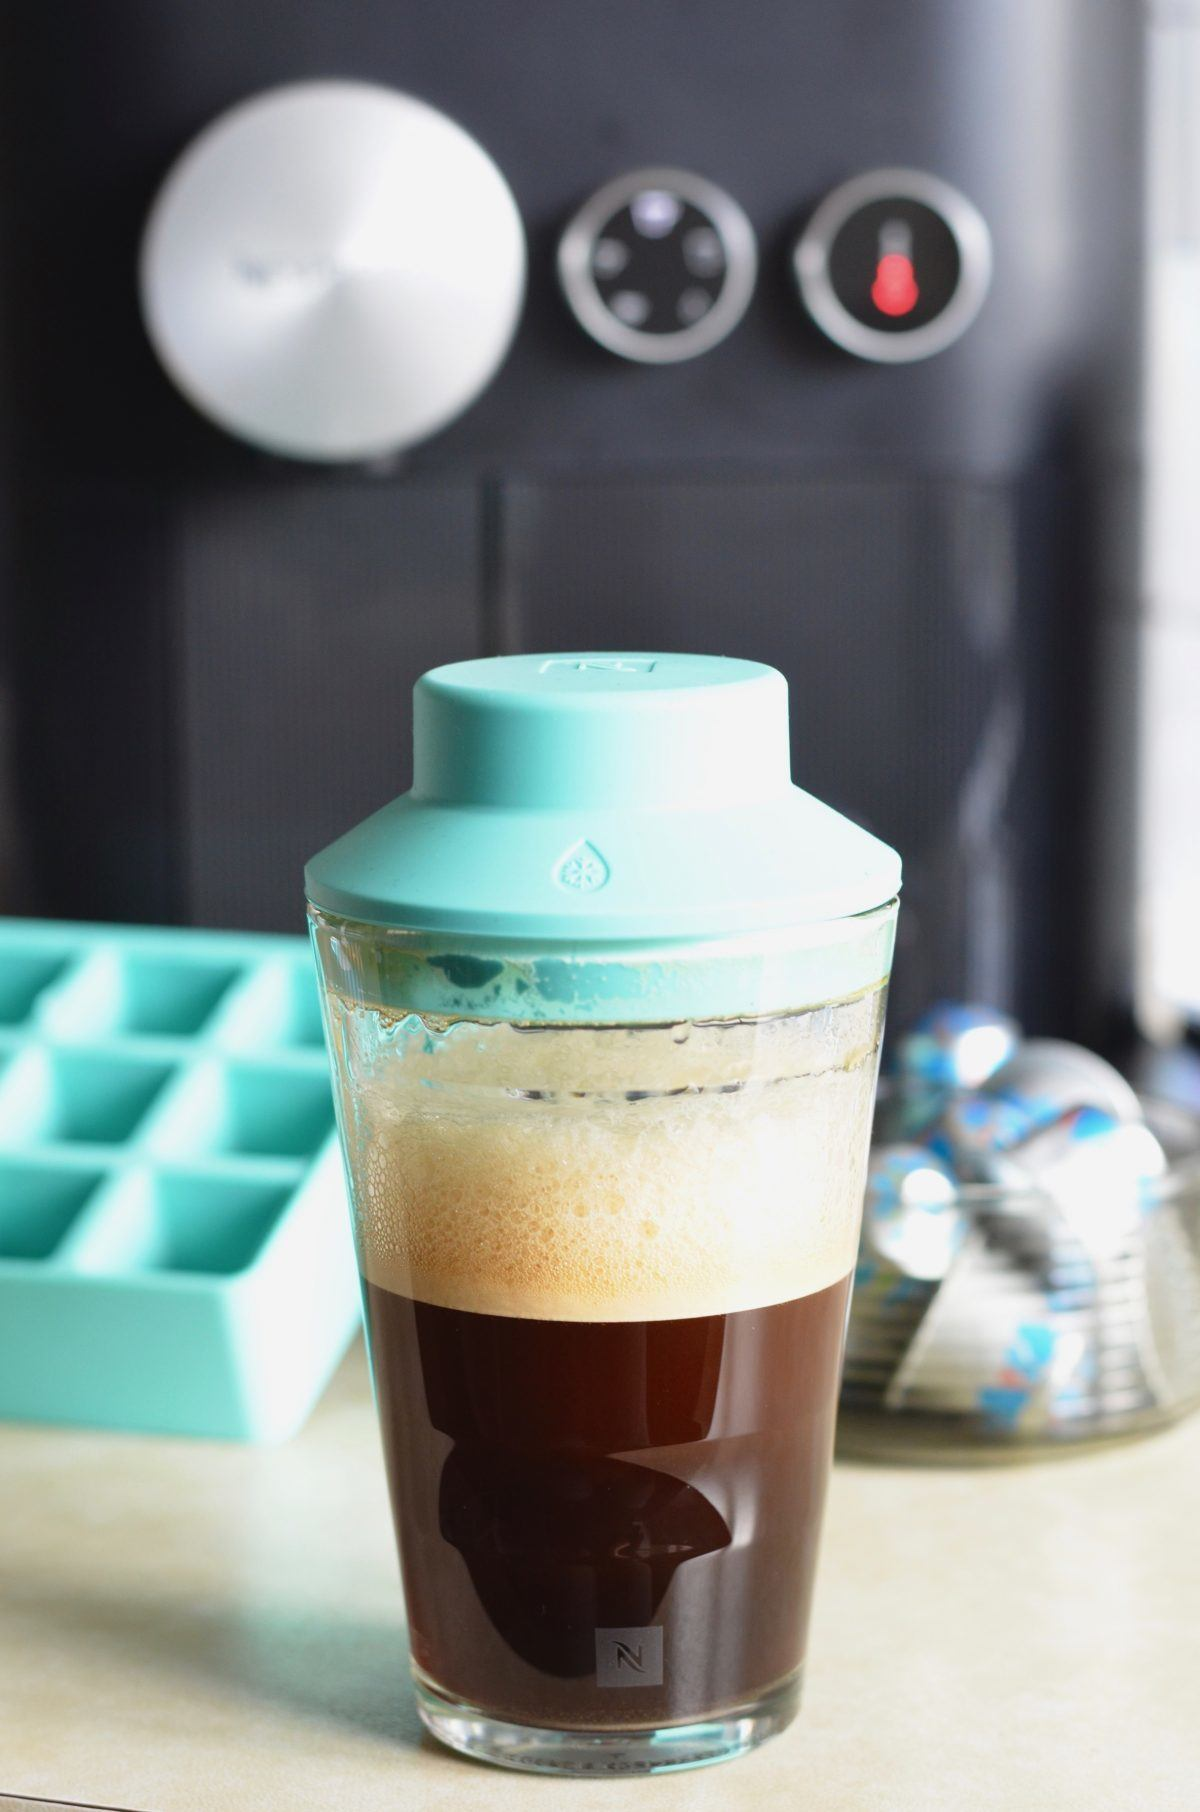 Iskaffe-med-smag-af-Italien